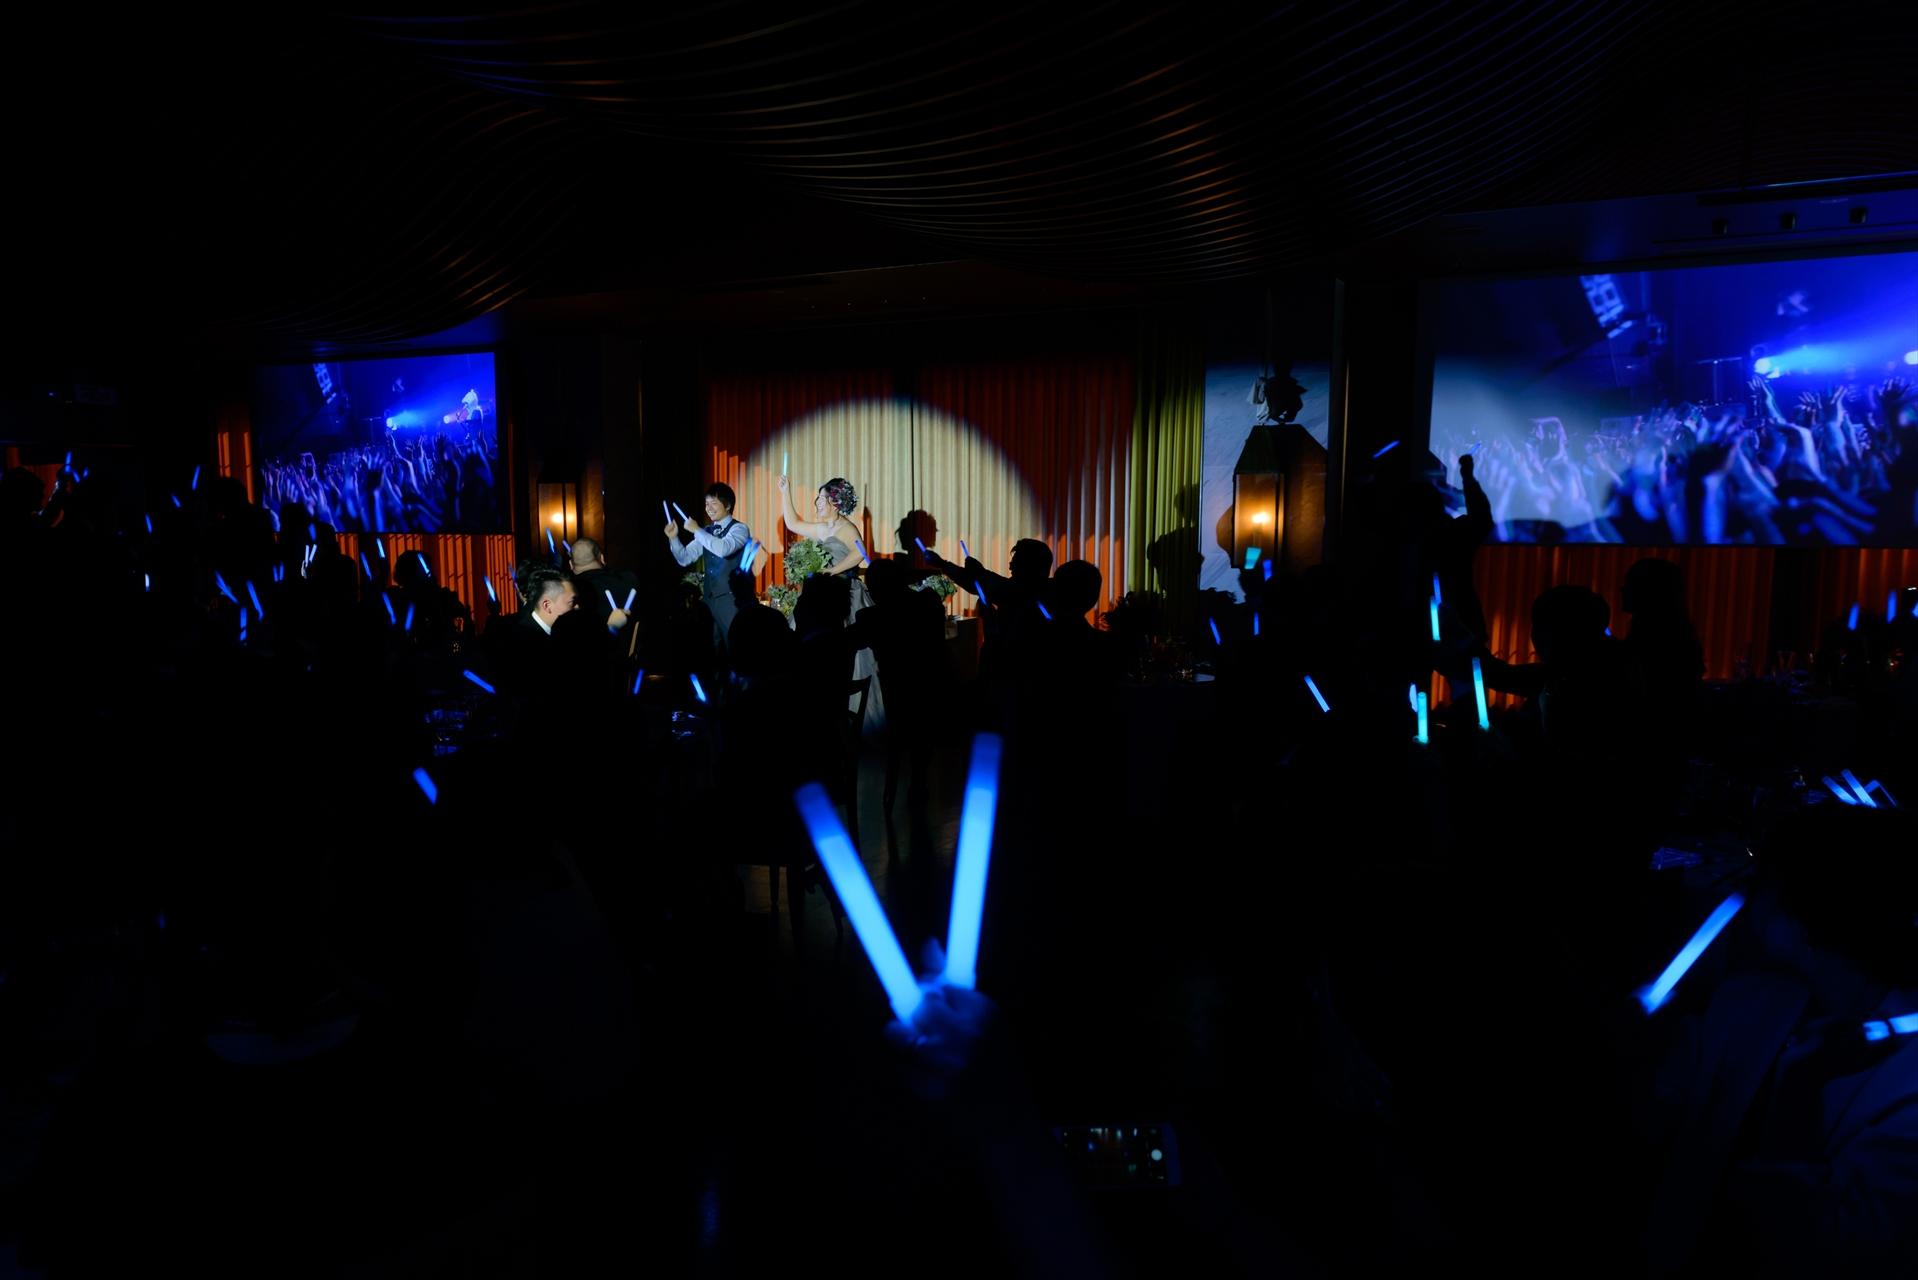 みんなにペンライトが配られ会場が暗くなります\u2026 ライブ映像とともにおふたりが登場しおふたりの好きなロックバンドの曲とダンスで登場!